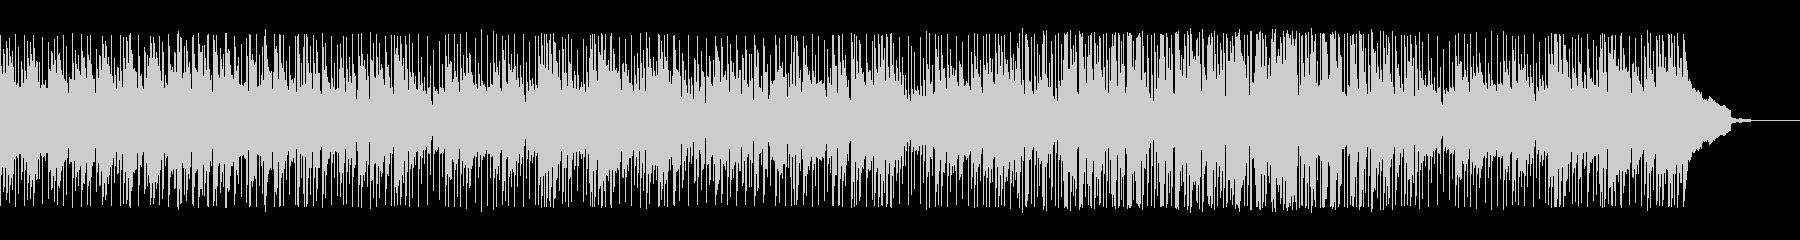 アンプラグド センチメンタル 感情...の未再生の波形